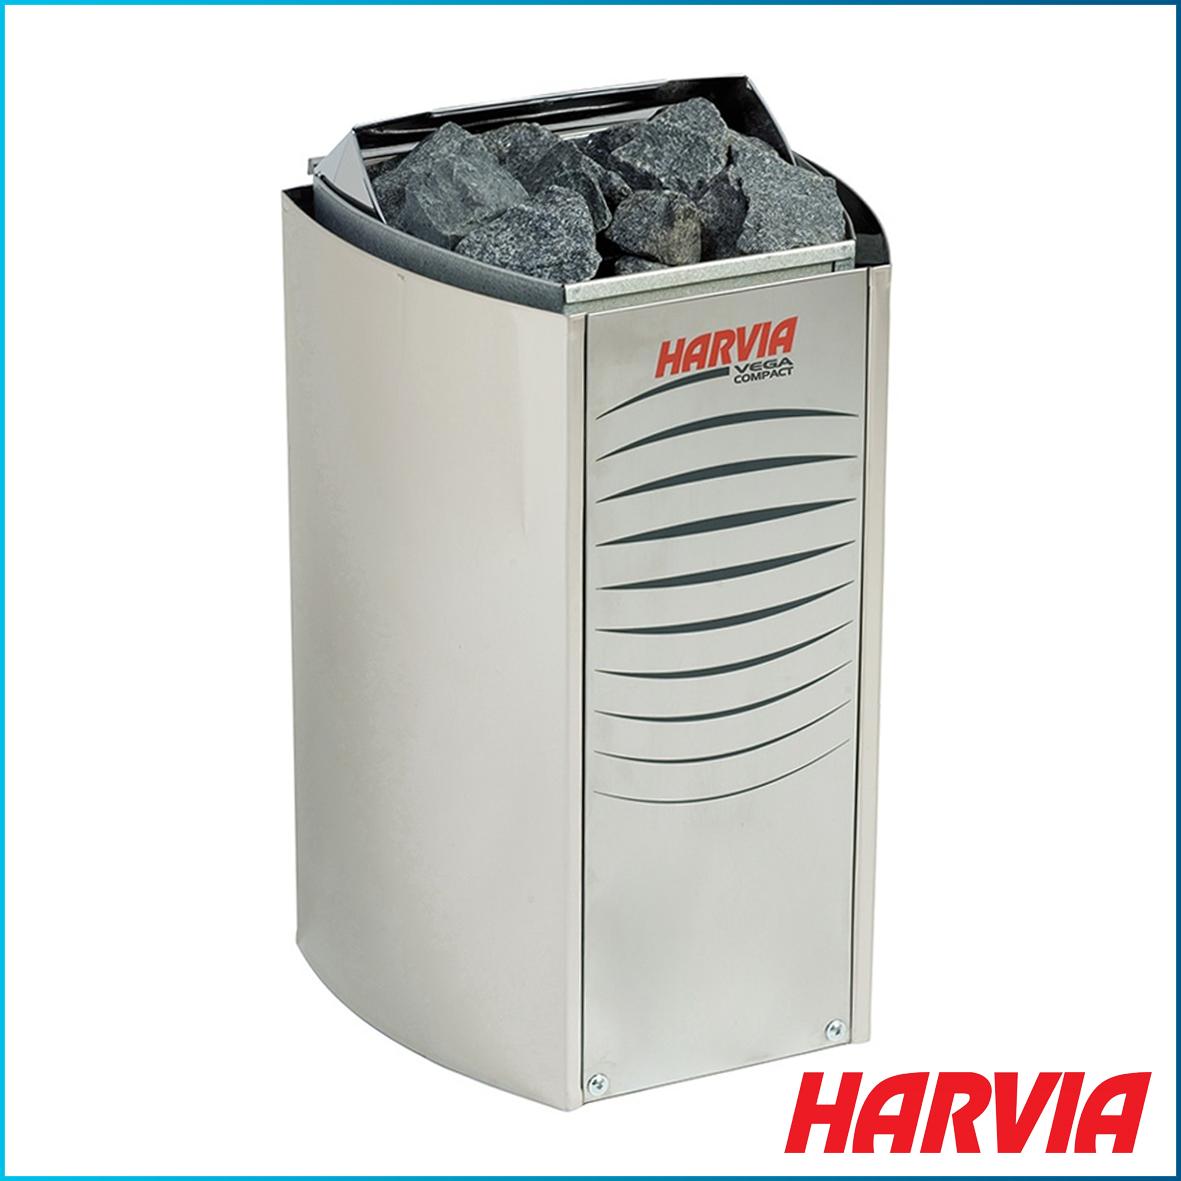 Печь для бани Harvia Vega Compact ВС23 Е электрическая